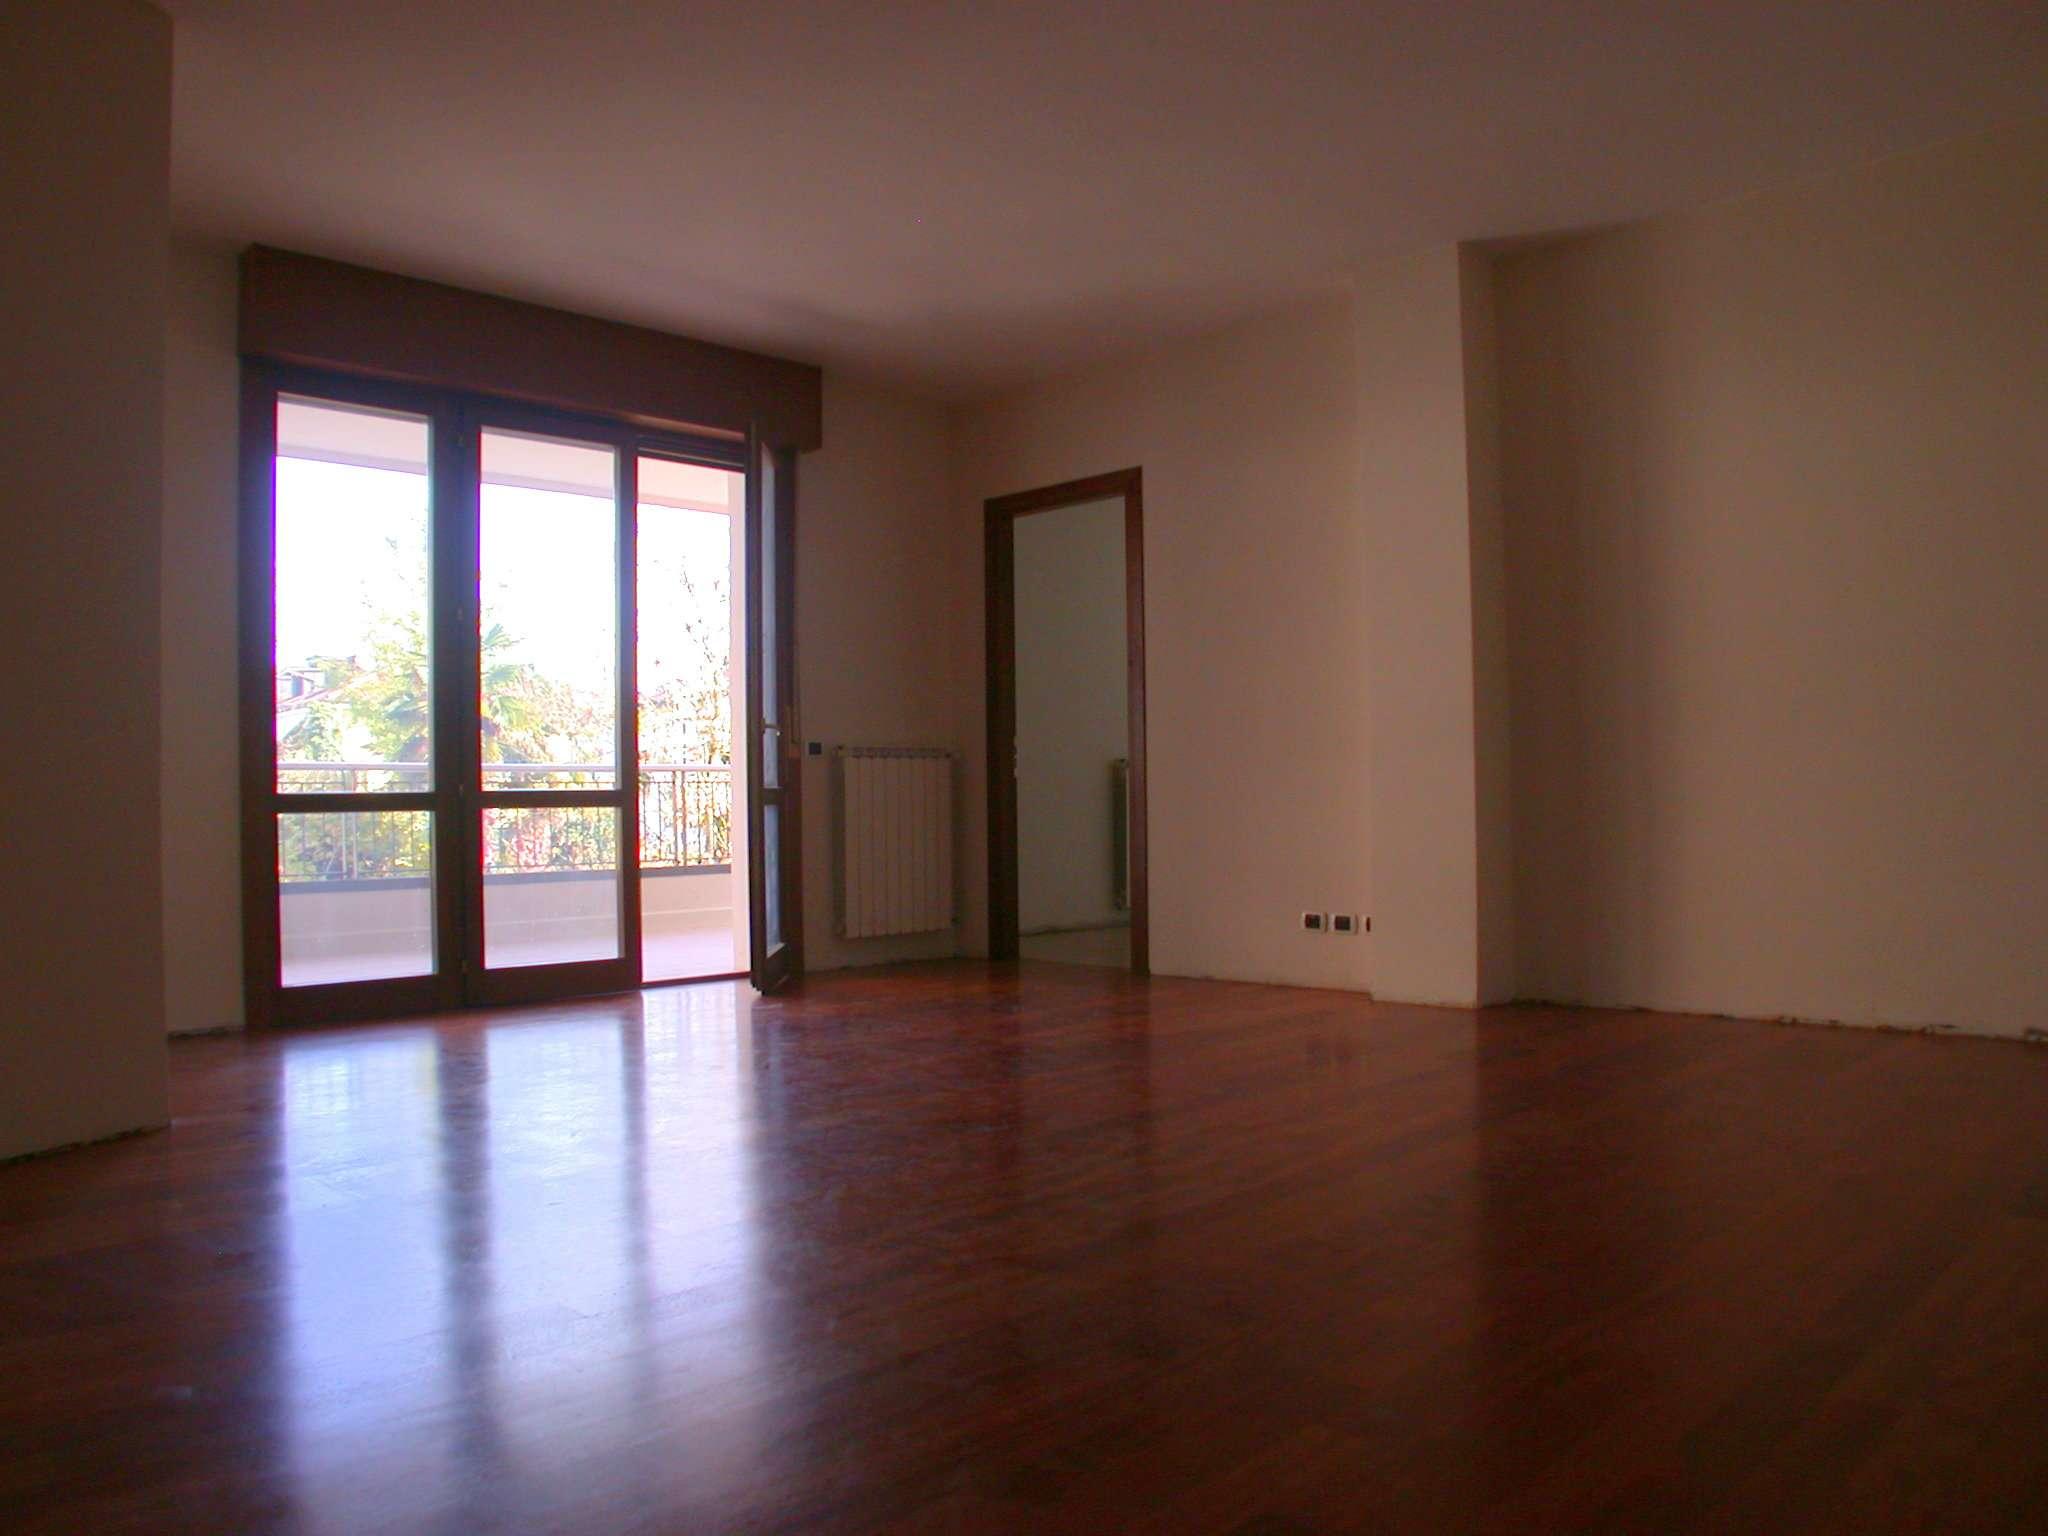 Appartamento TREVISO vendita  FIERA fonderia AGENZIA AURORA